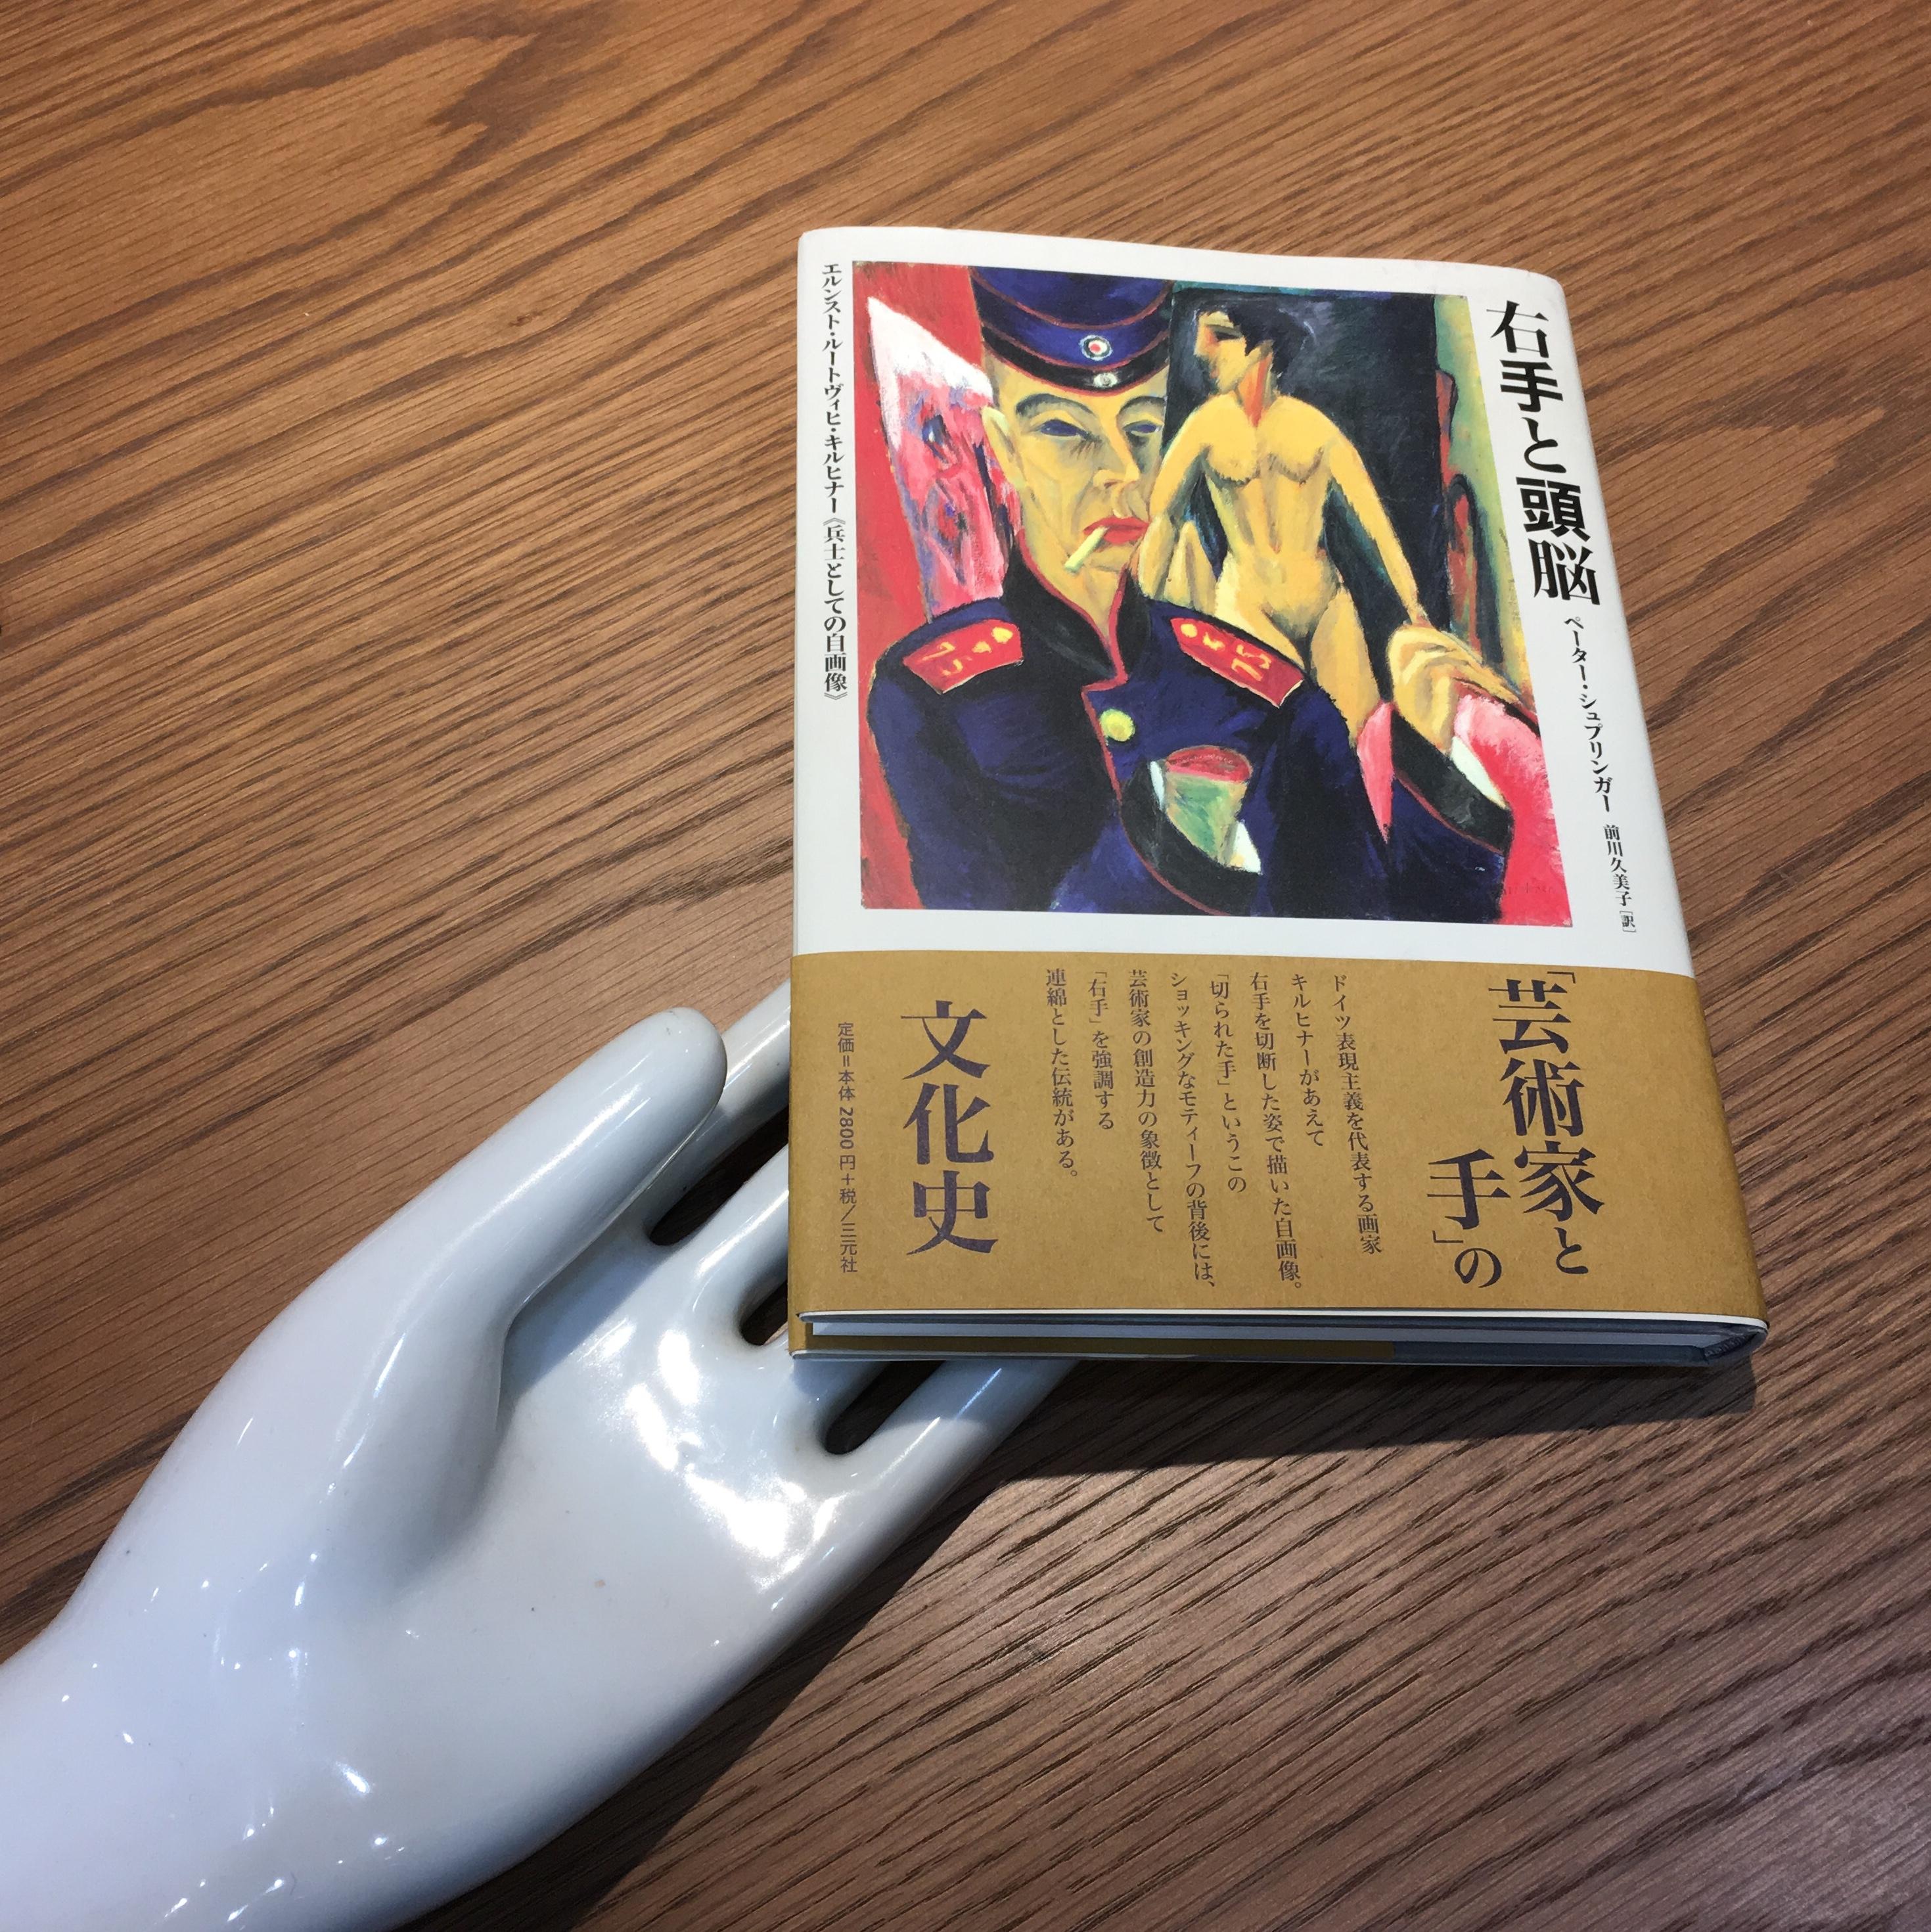 ペーター・シュプリンガー『右手と頭脳』(三元社)